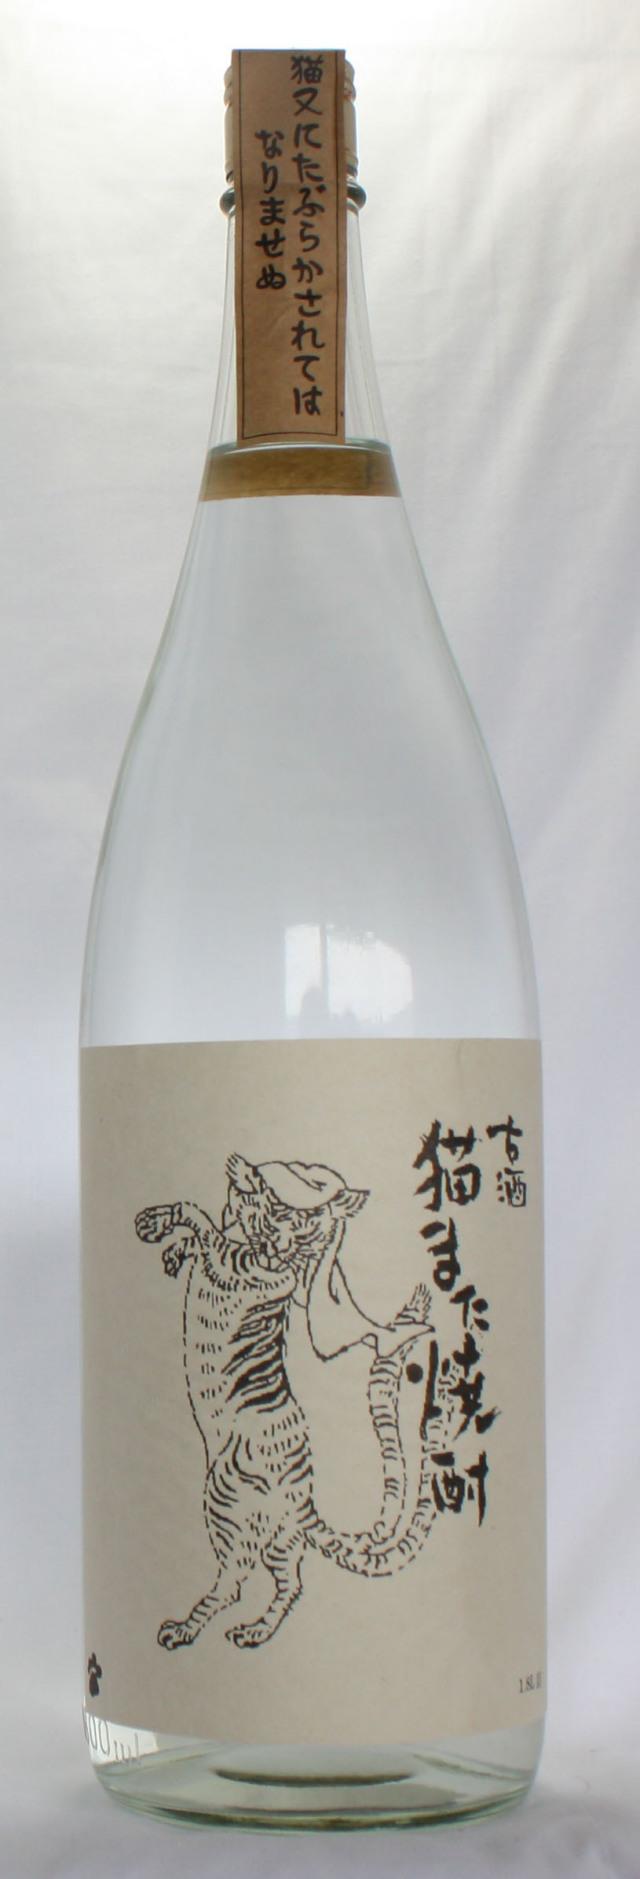 古酒猫また焼酎 米焼酎 千代むすび酒造 1800ml